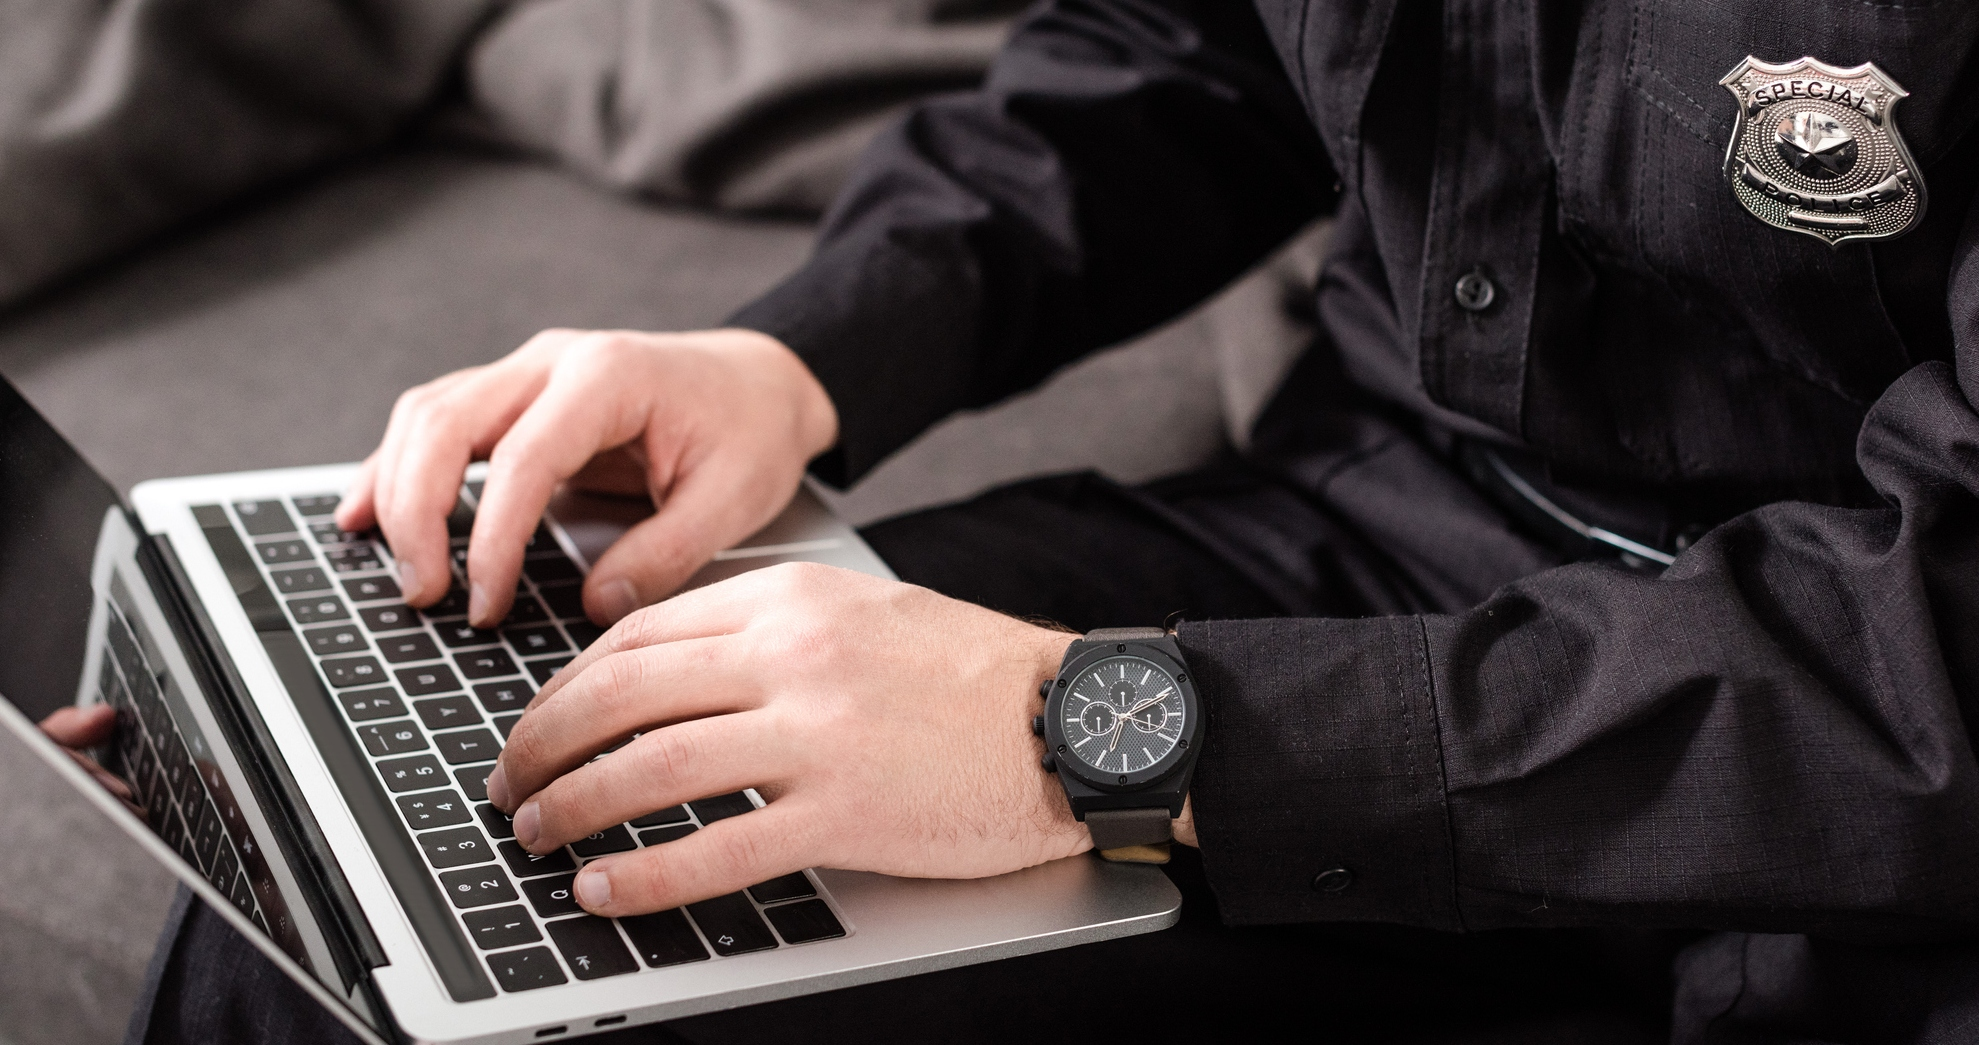 policia no computador